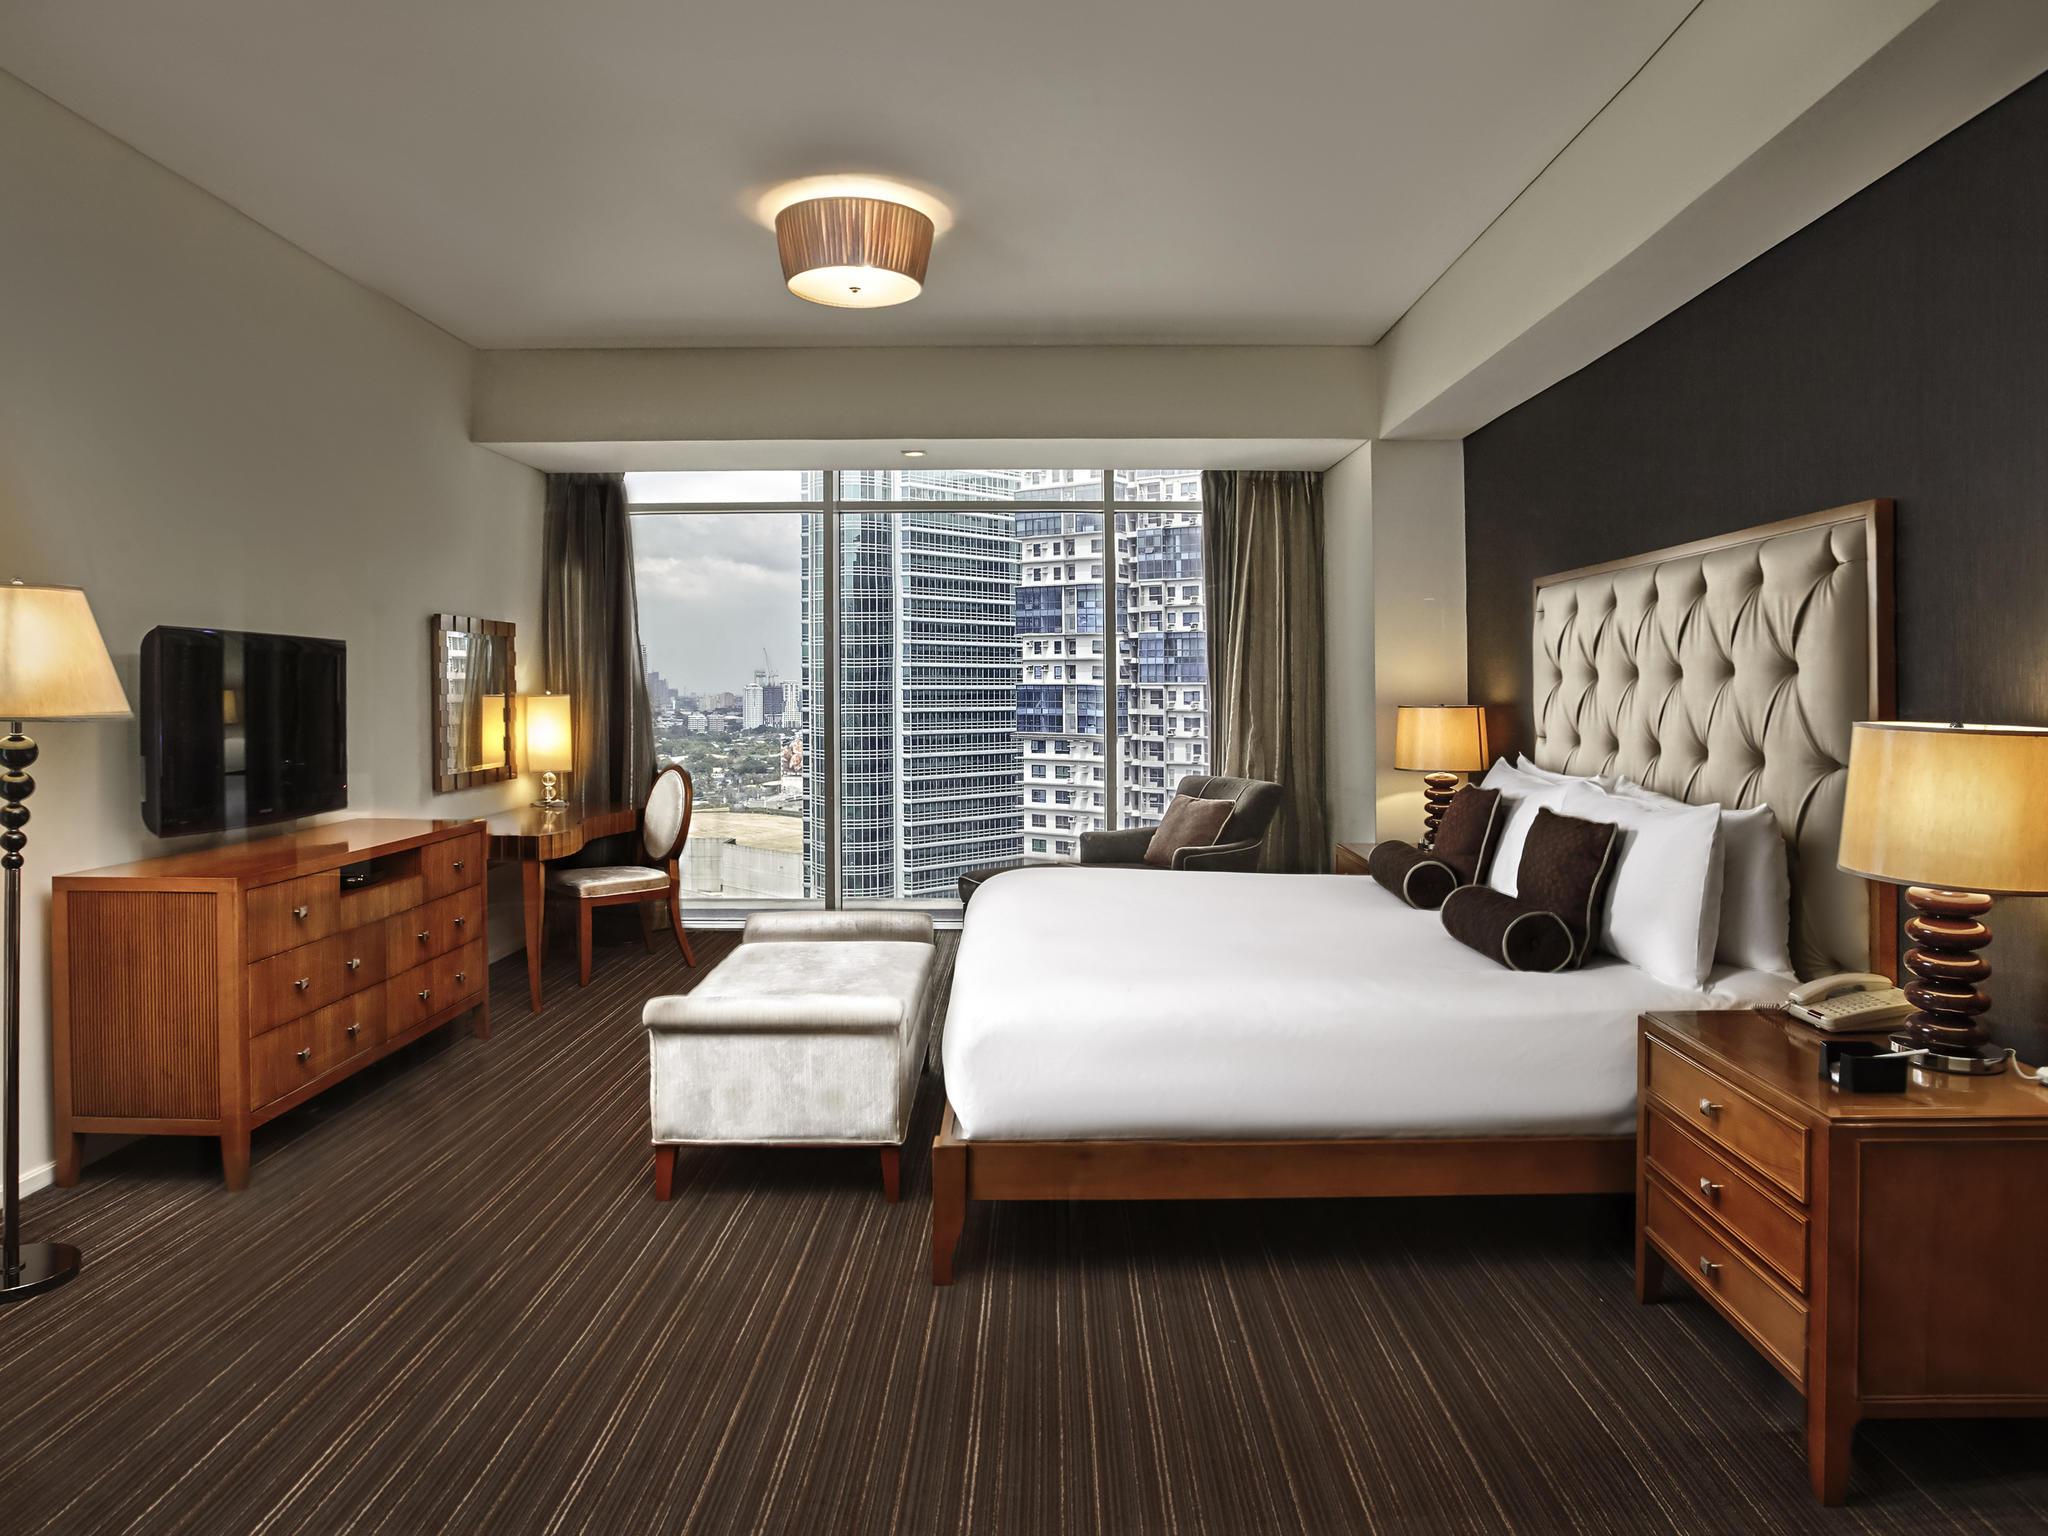 Hotel - Joy Nostalg Hotel & Suites Manila - Managed by AccorHotels